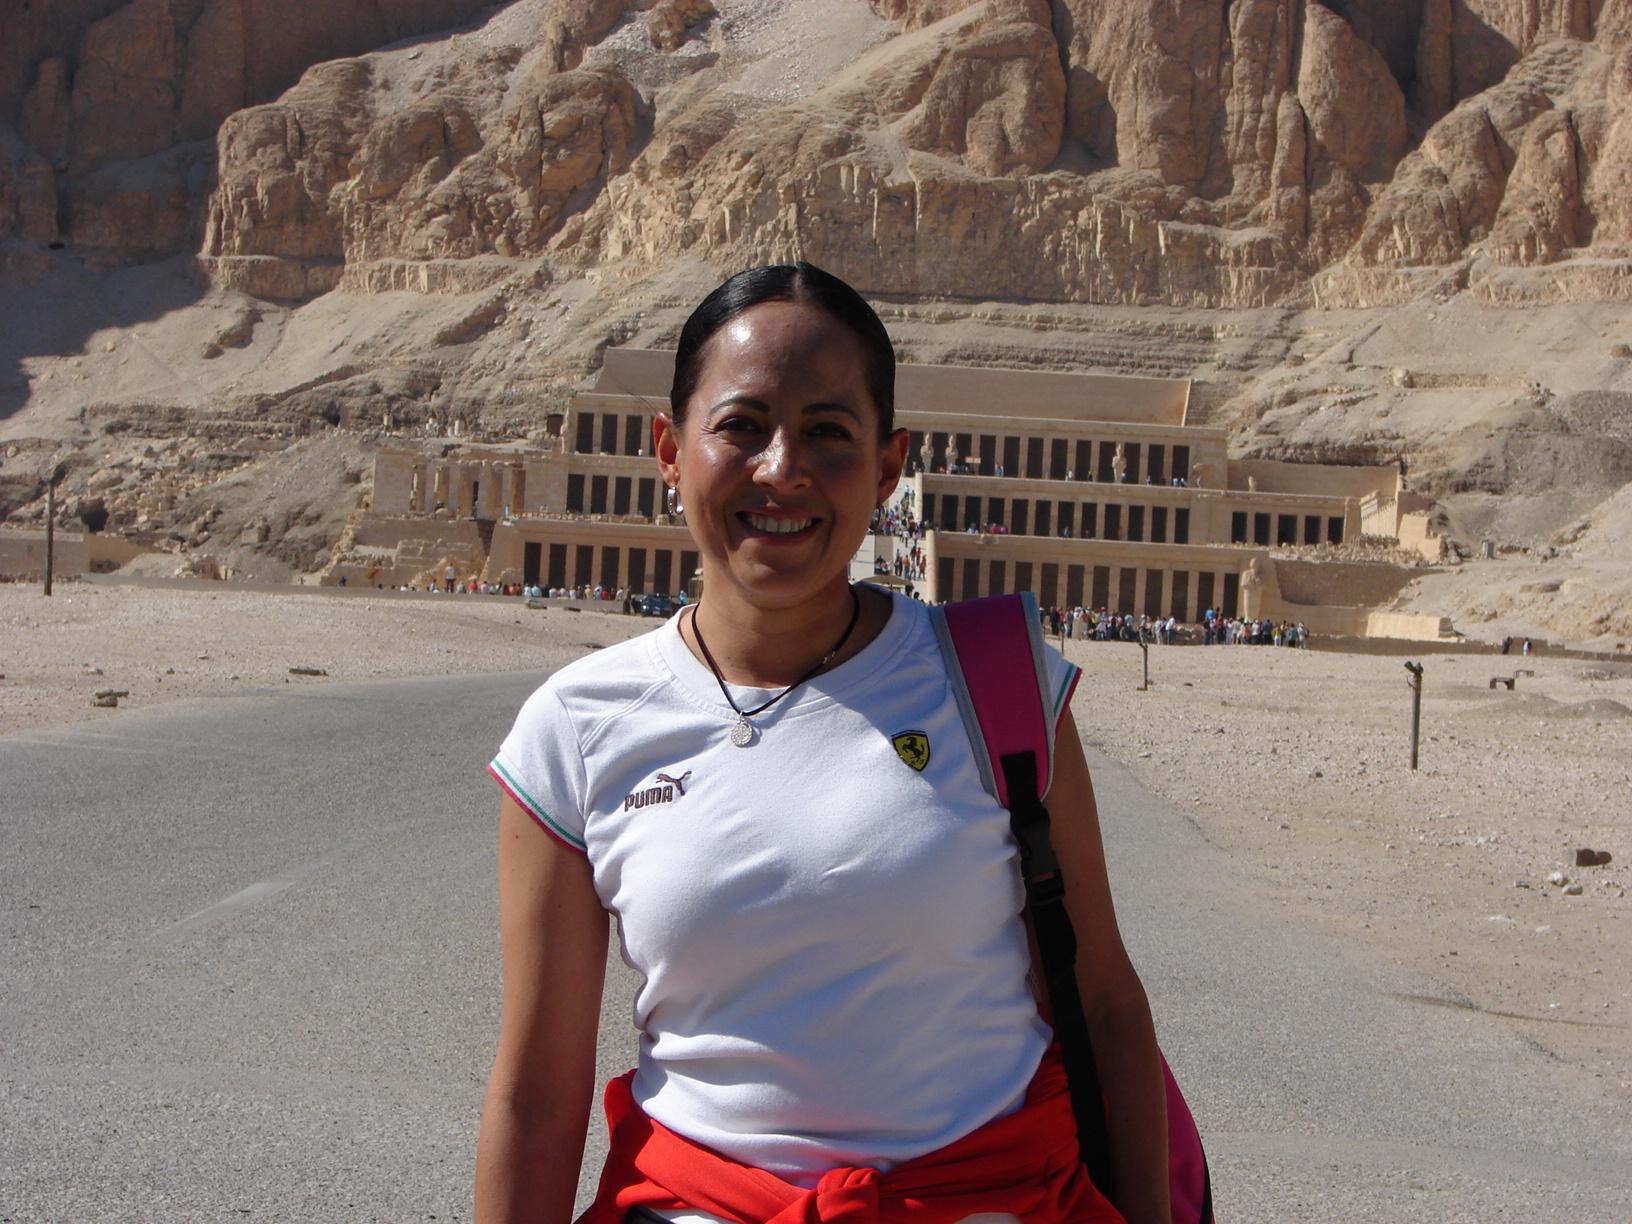 Dehir El Bahari